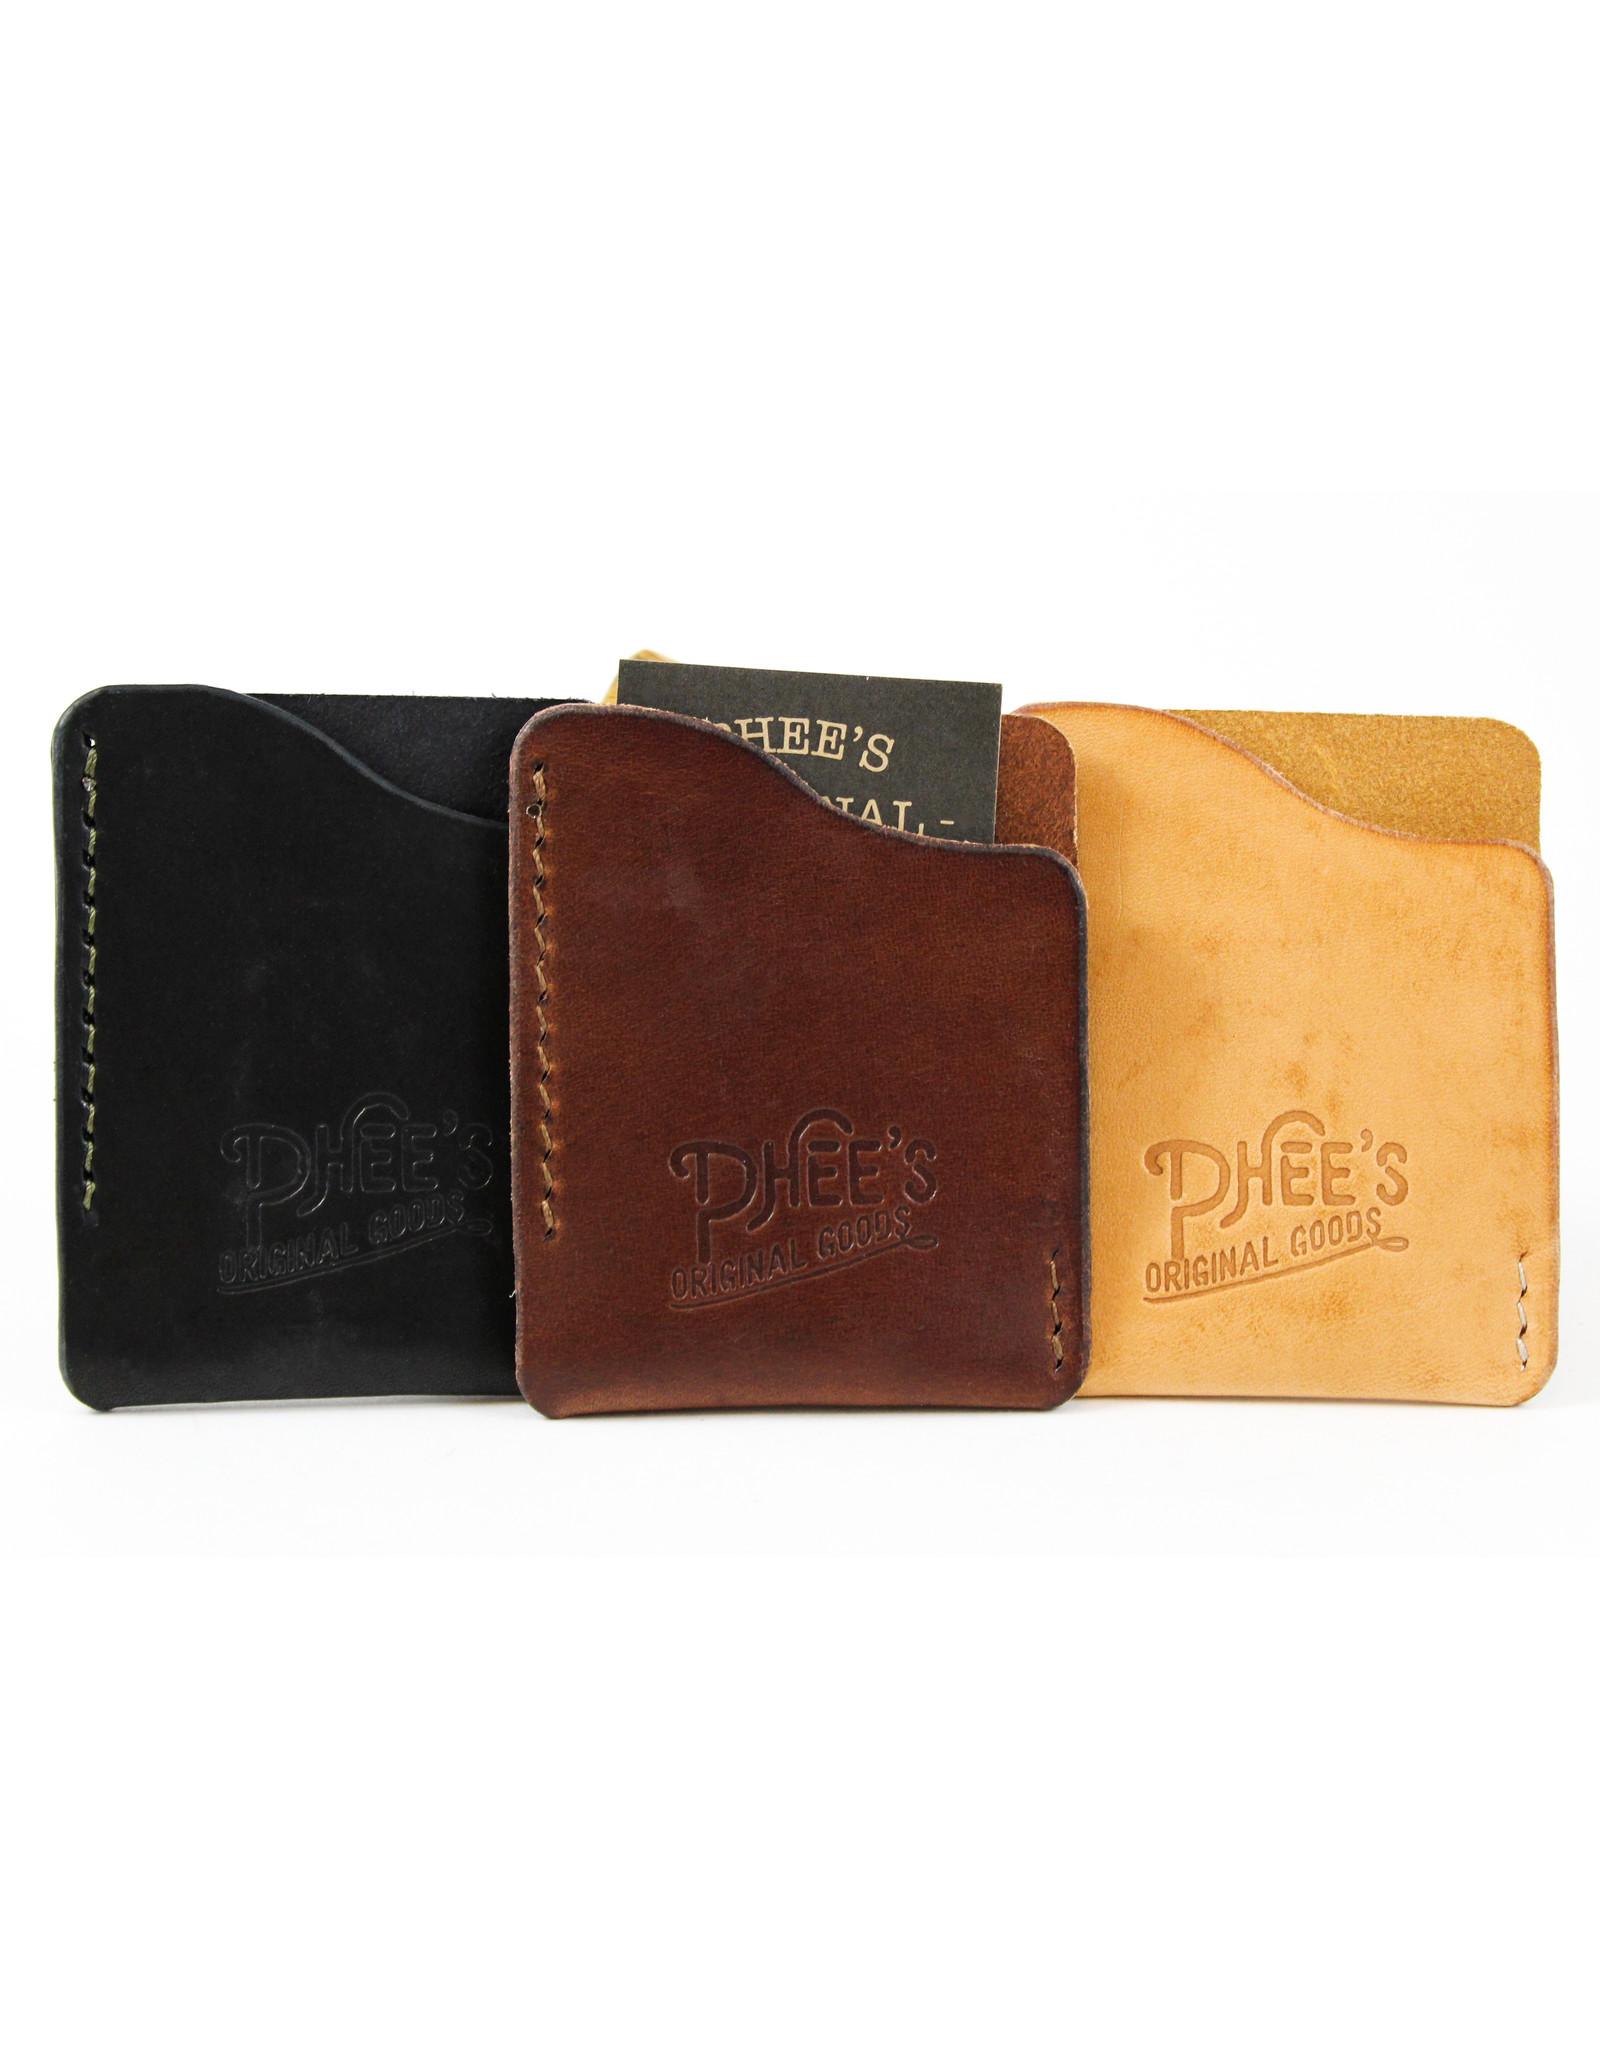 Kyle McPhee Kenloch Pull Tab Wallet by Phee's Original Goods